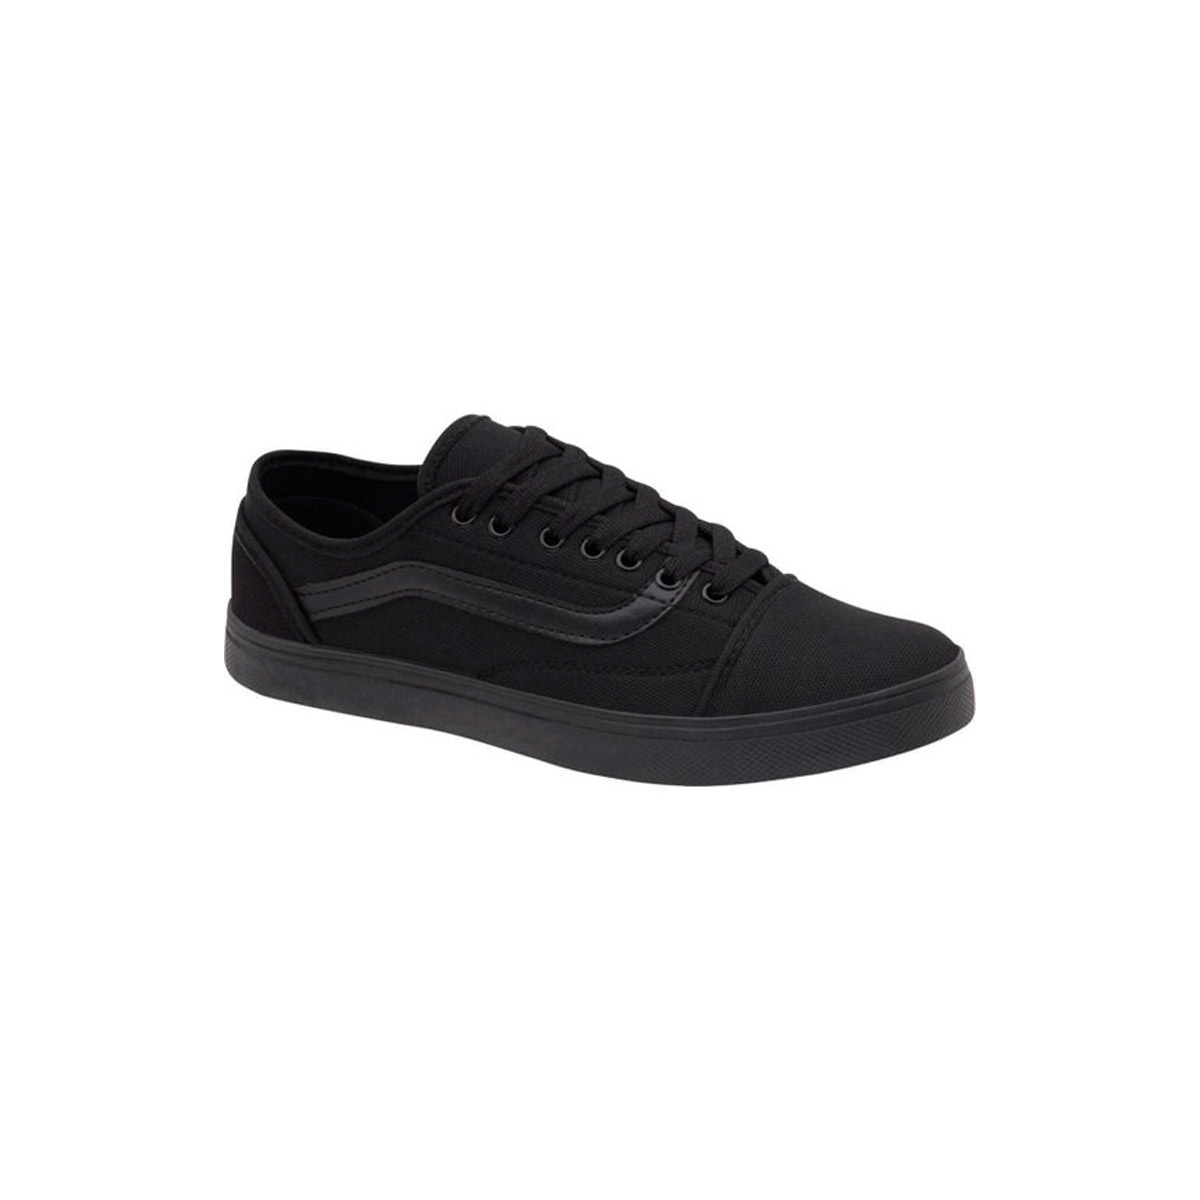 Tênis Unissex Casul Mark Shoes 30180